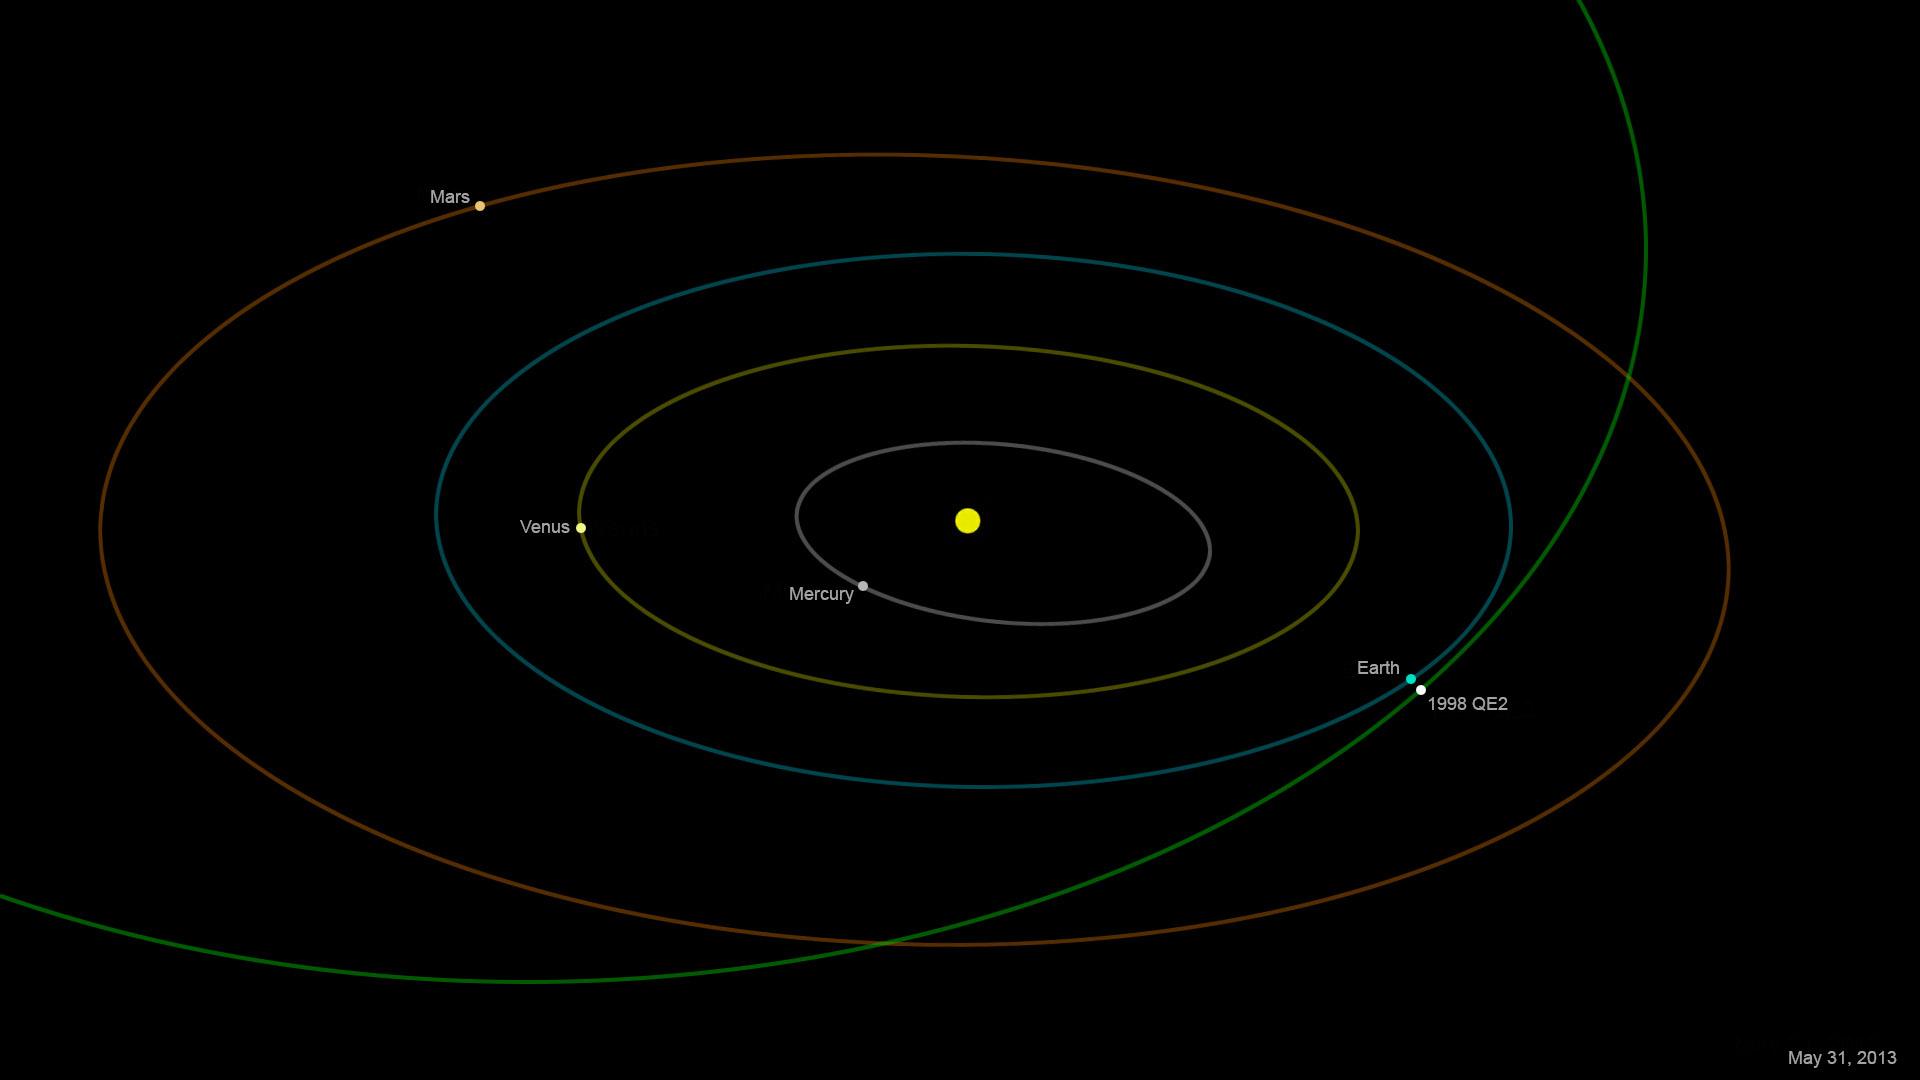 Астероид 1998 QE2 пройдет около Земли